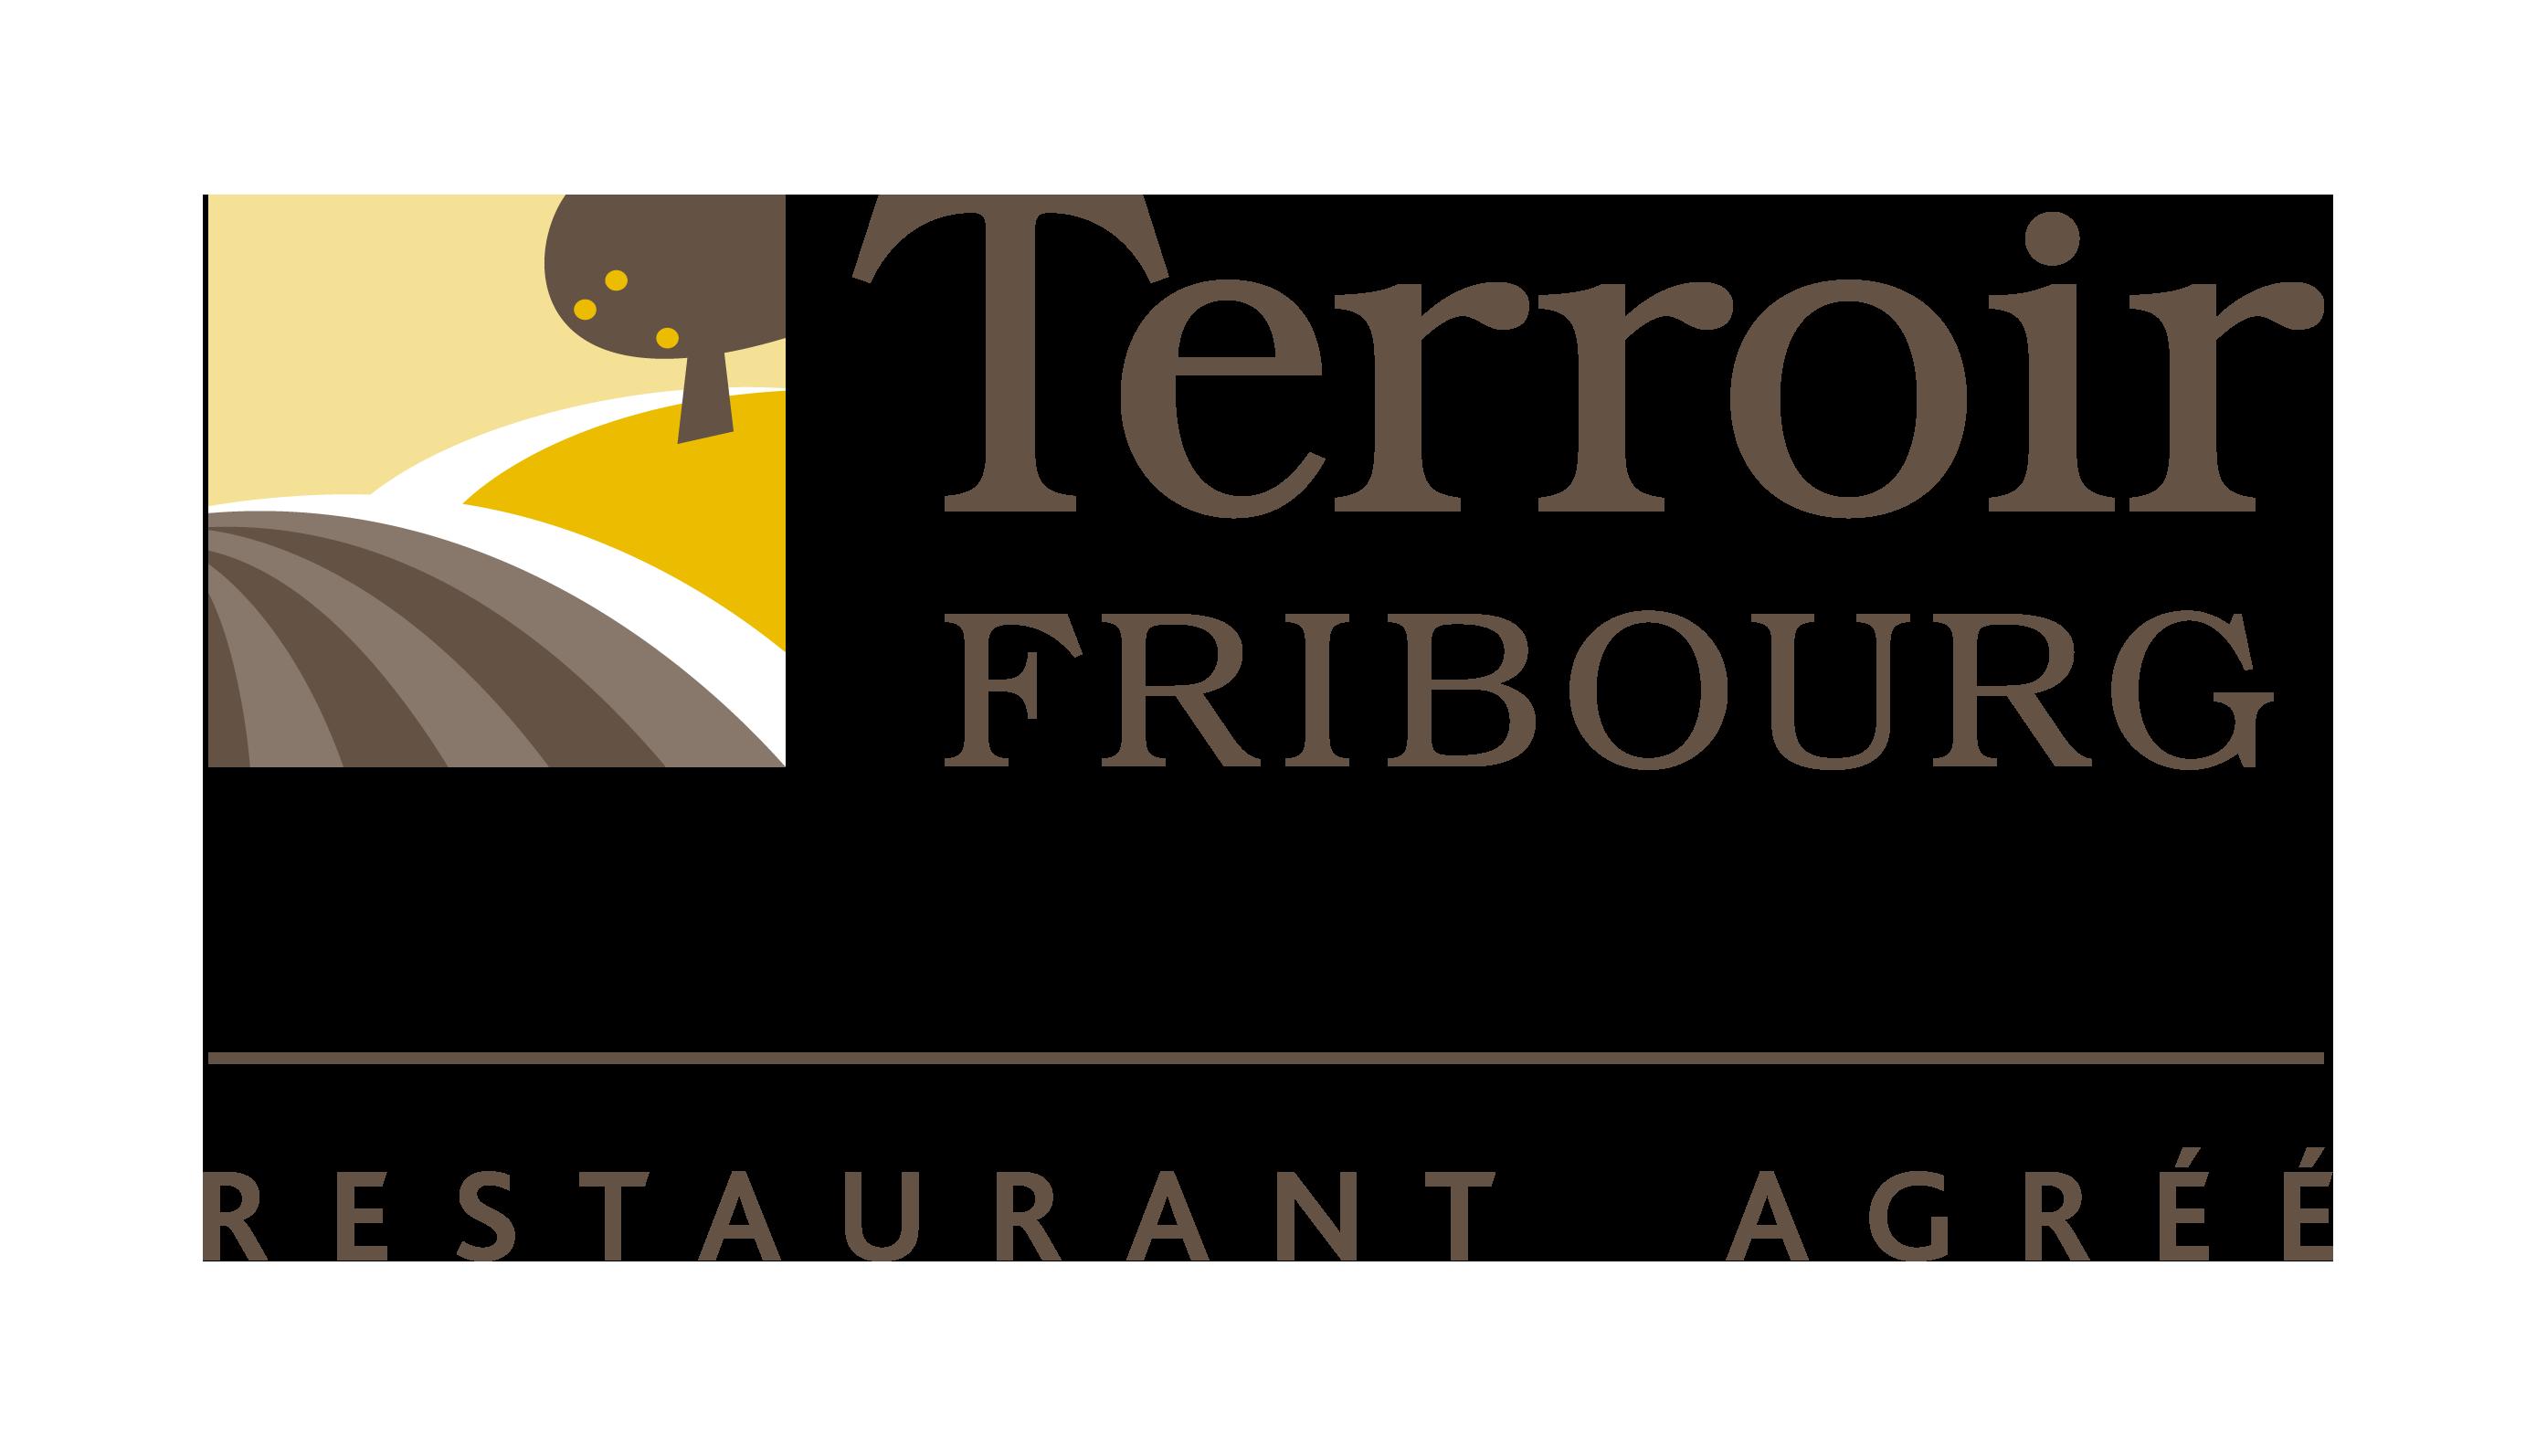 Logo de Terroir Fribourg - restaurant agréé